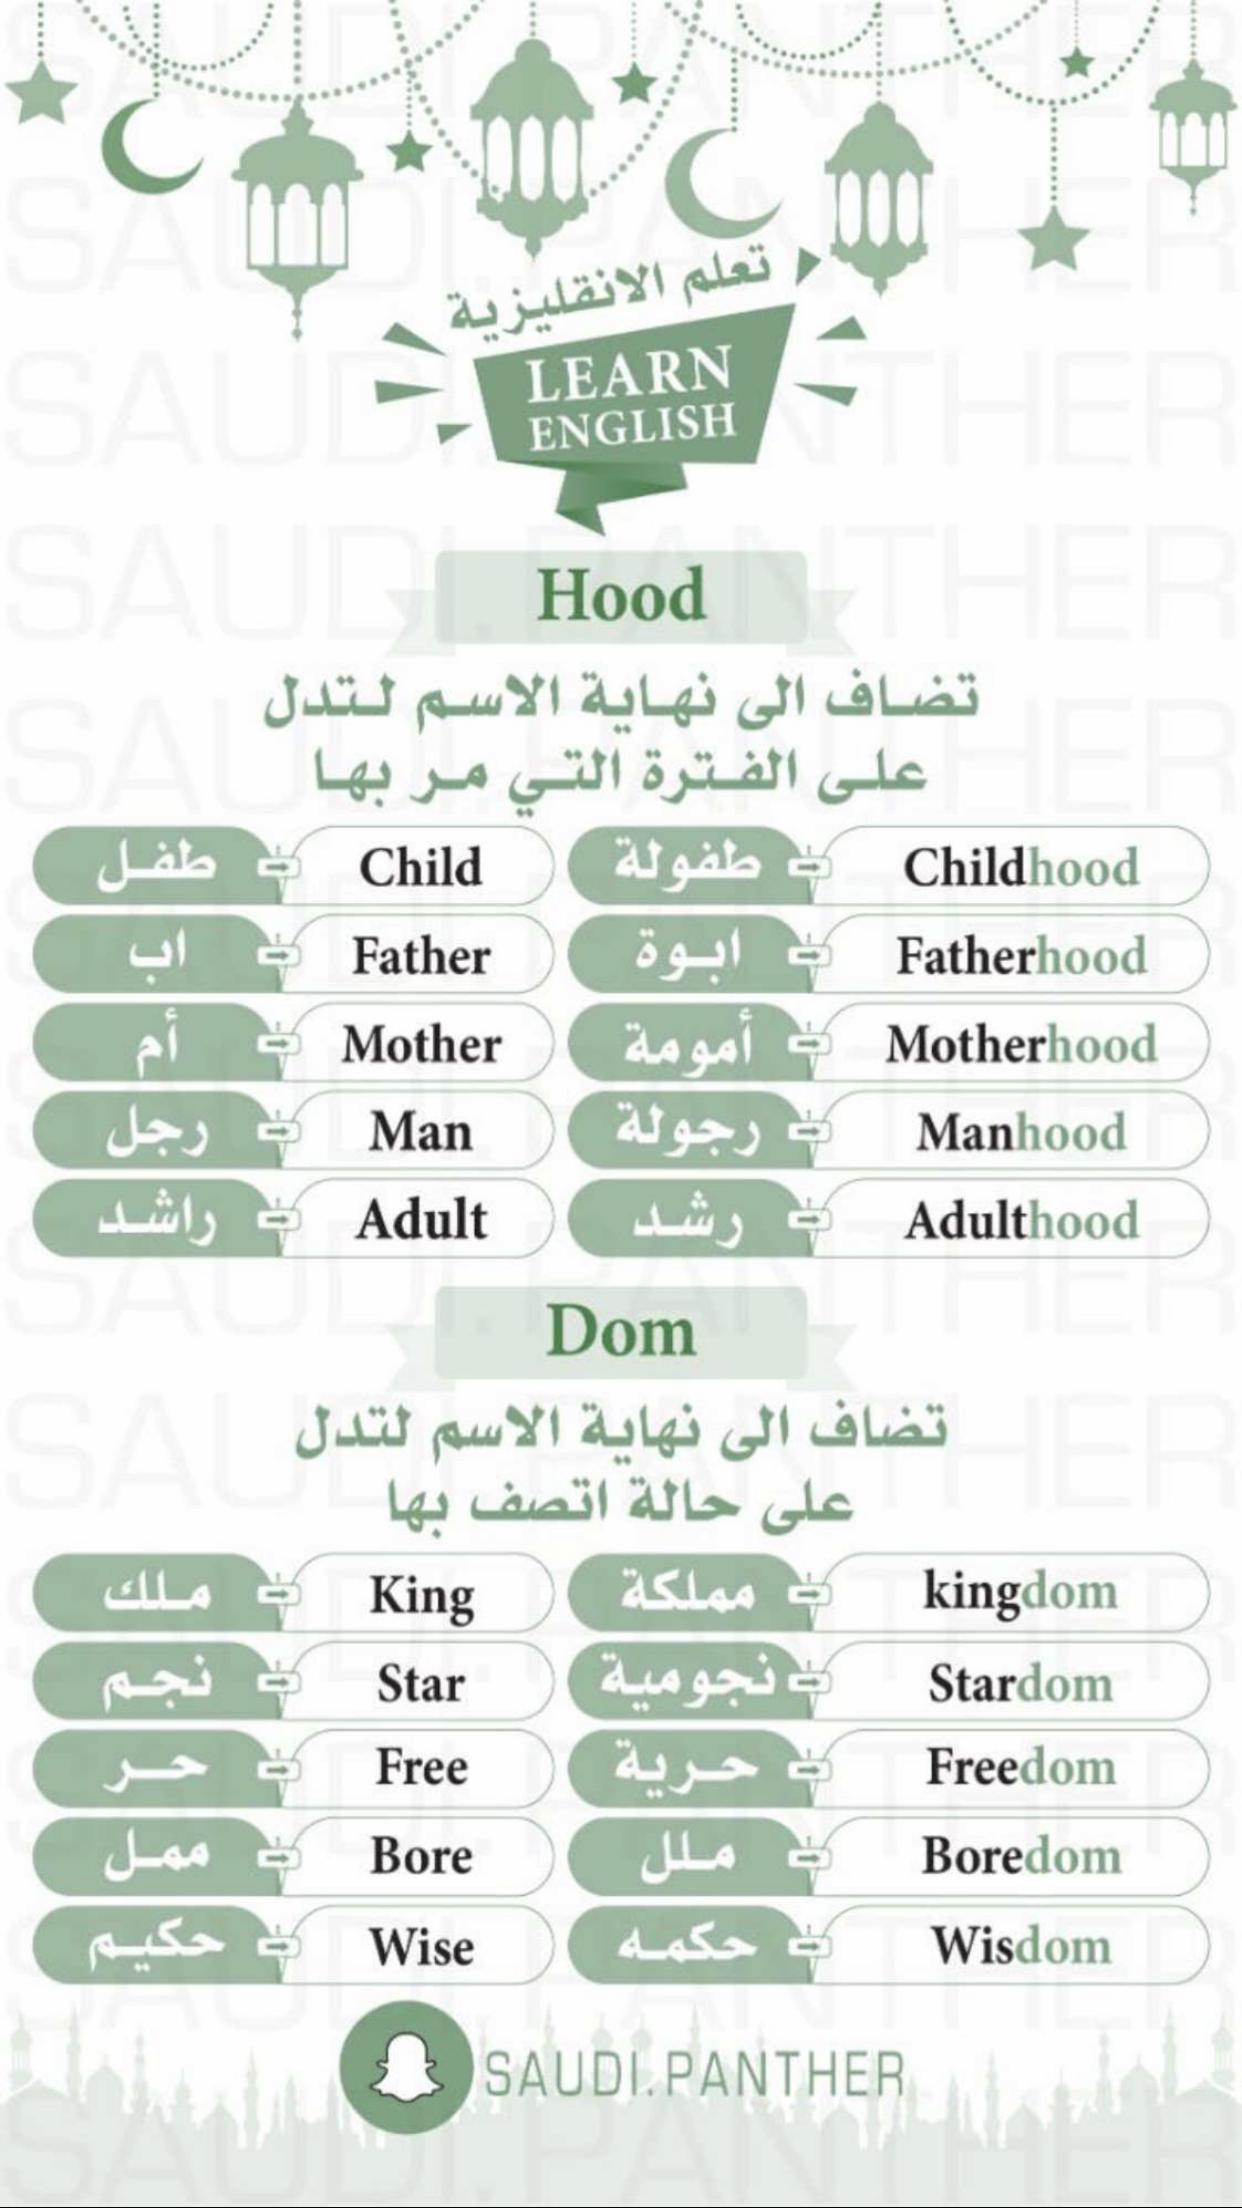 تعلم الانجليزية Learning English For Kids English Phonics Learn English